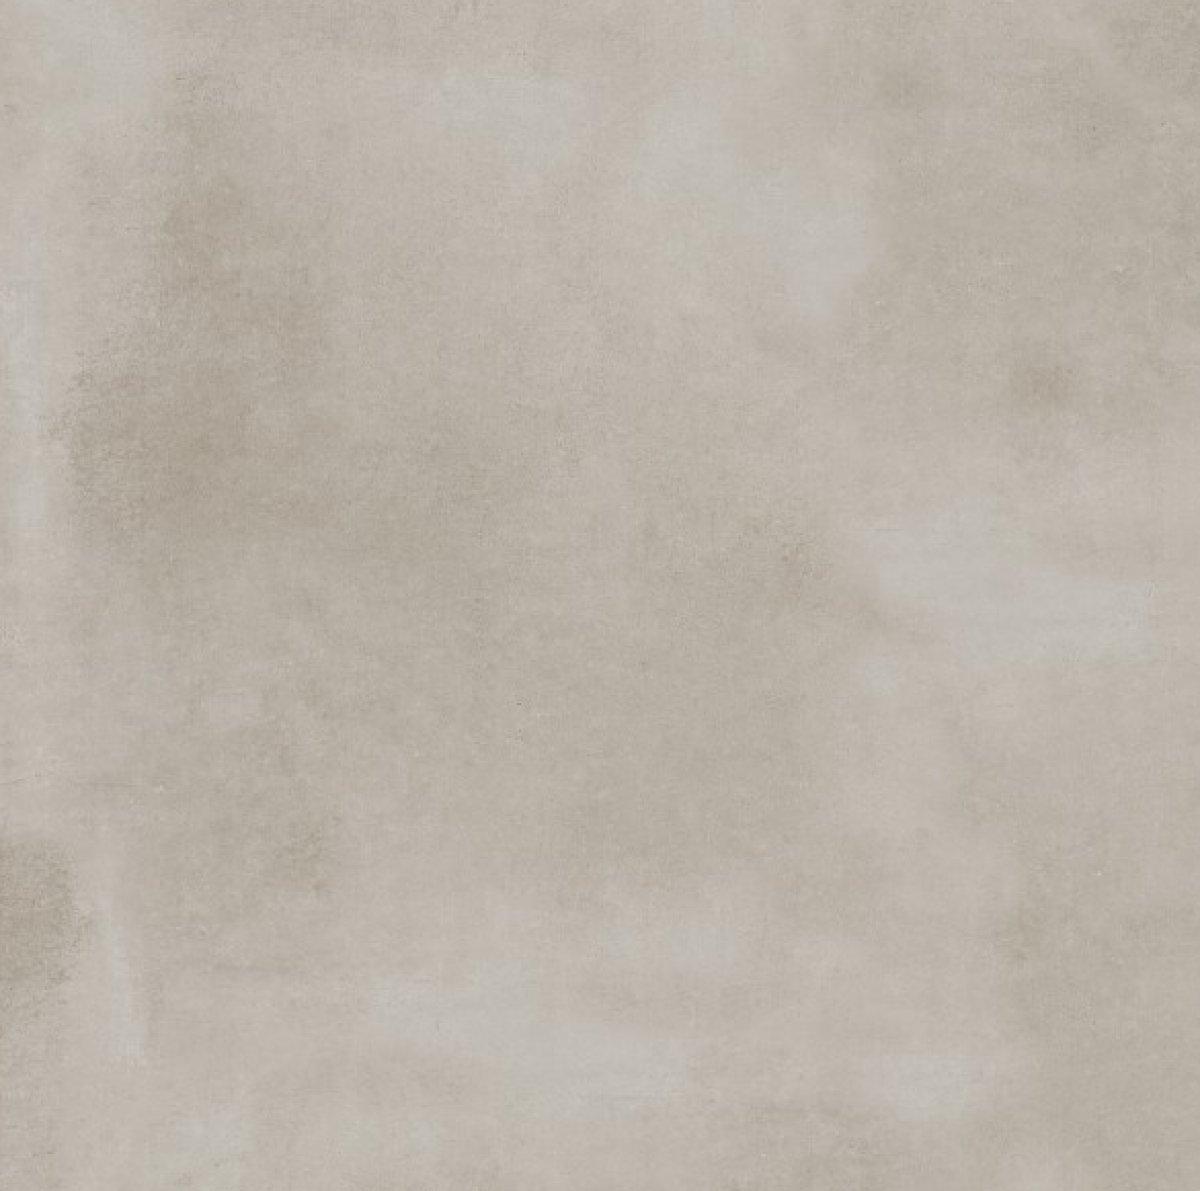 Płytka tarasowa Ceramika Limone Town Soft Grey 60x60x2cm